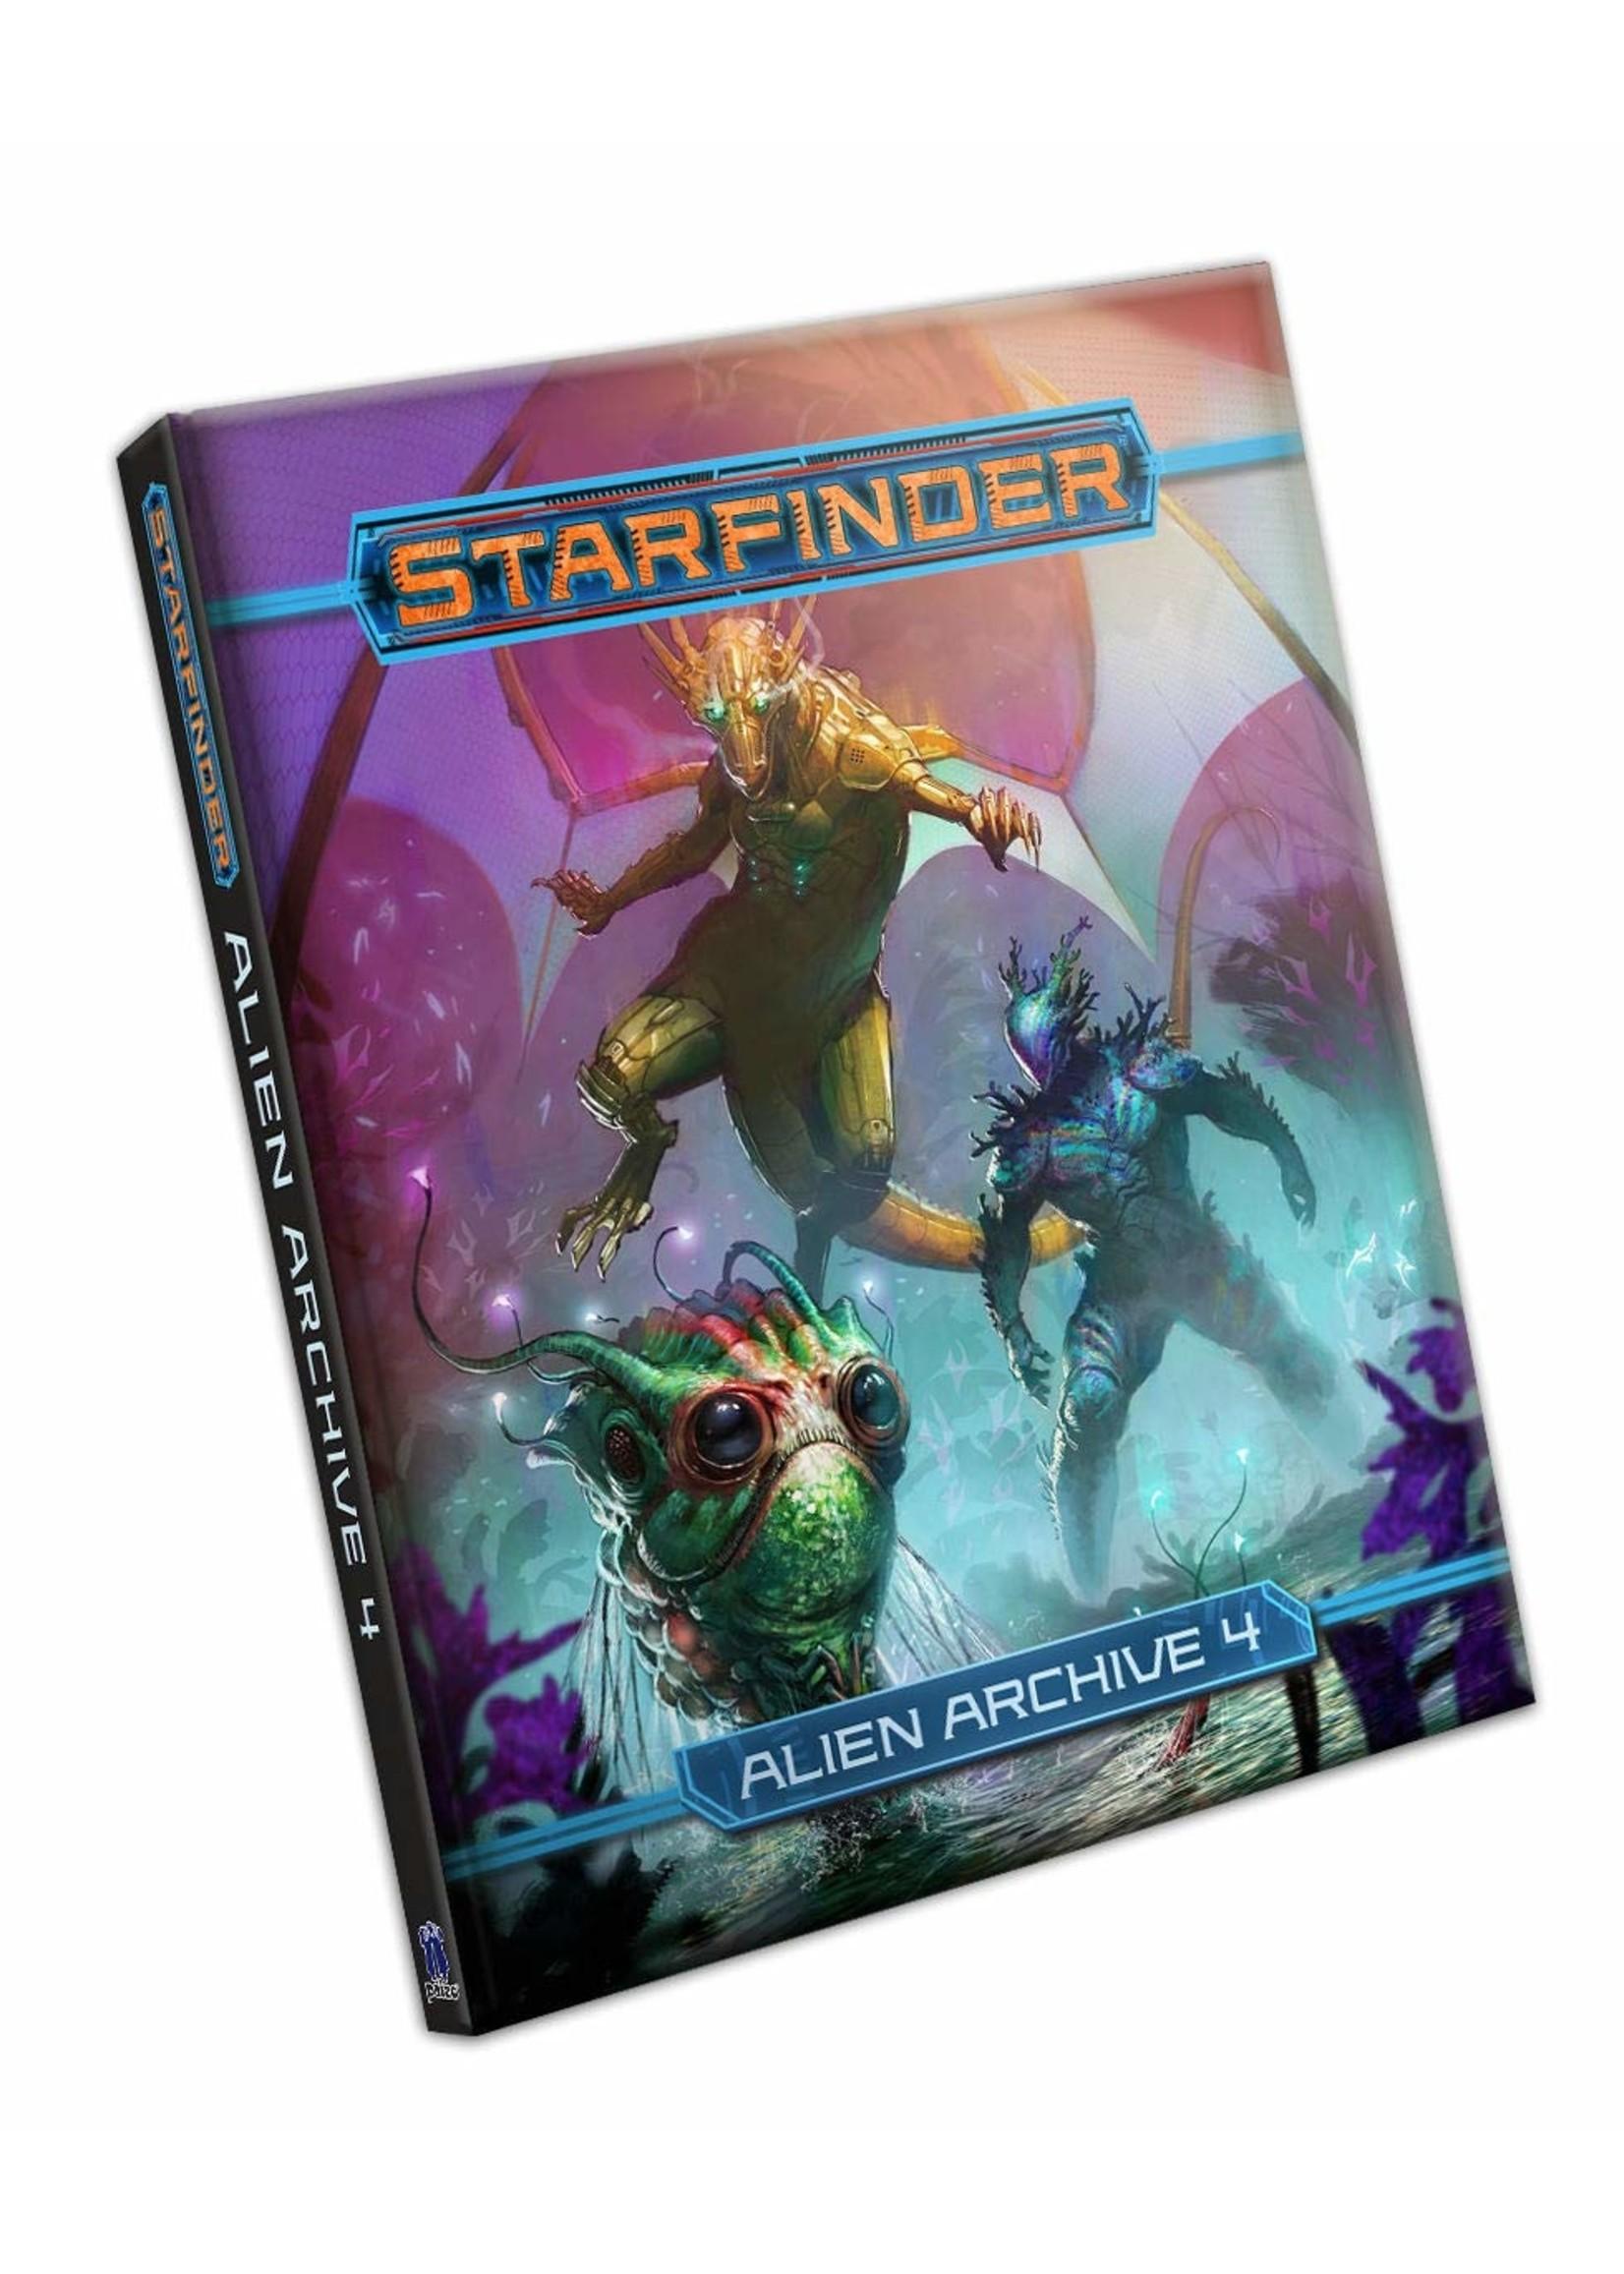 Starfinder RPG: Alien Archive 4 Hardcover